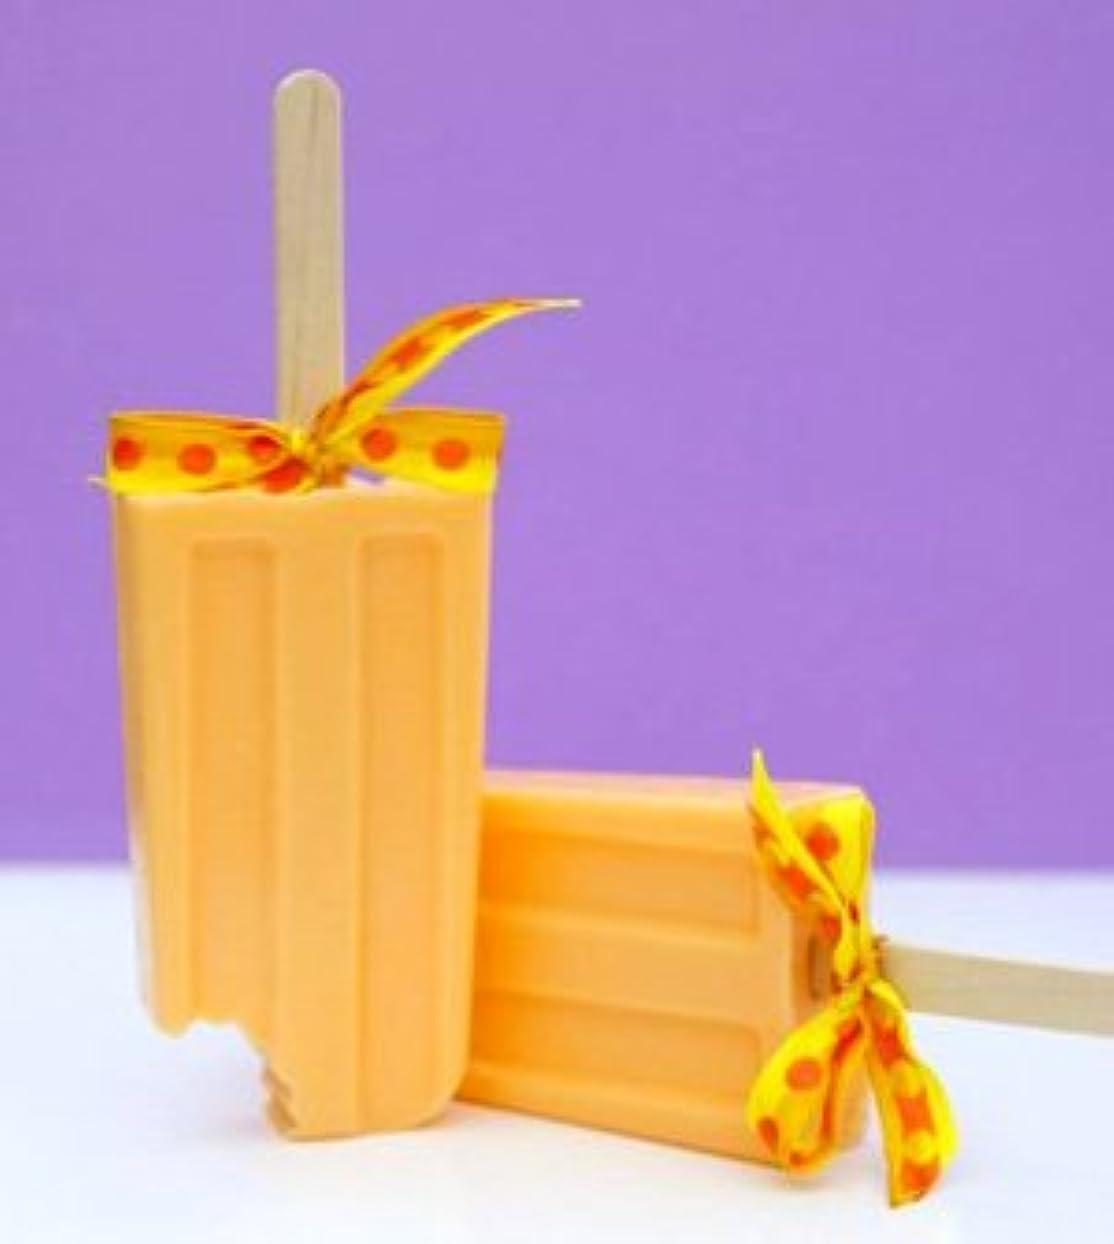 早く出版するsoapy love(ソーピーラブ) Orange オレンジ セッケン ソープ ギフト プレゼント 石鹸 H14×W5×D2cm  (orange)